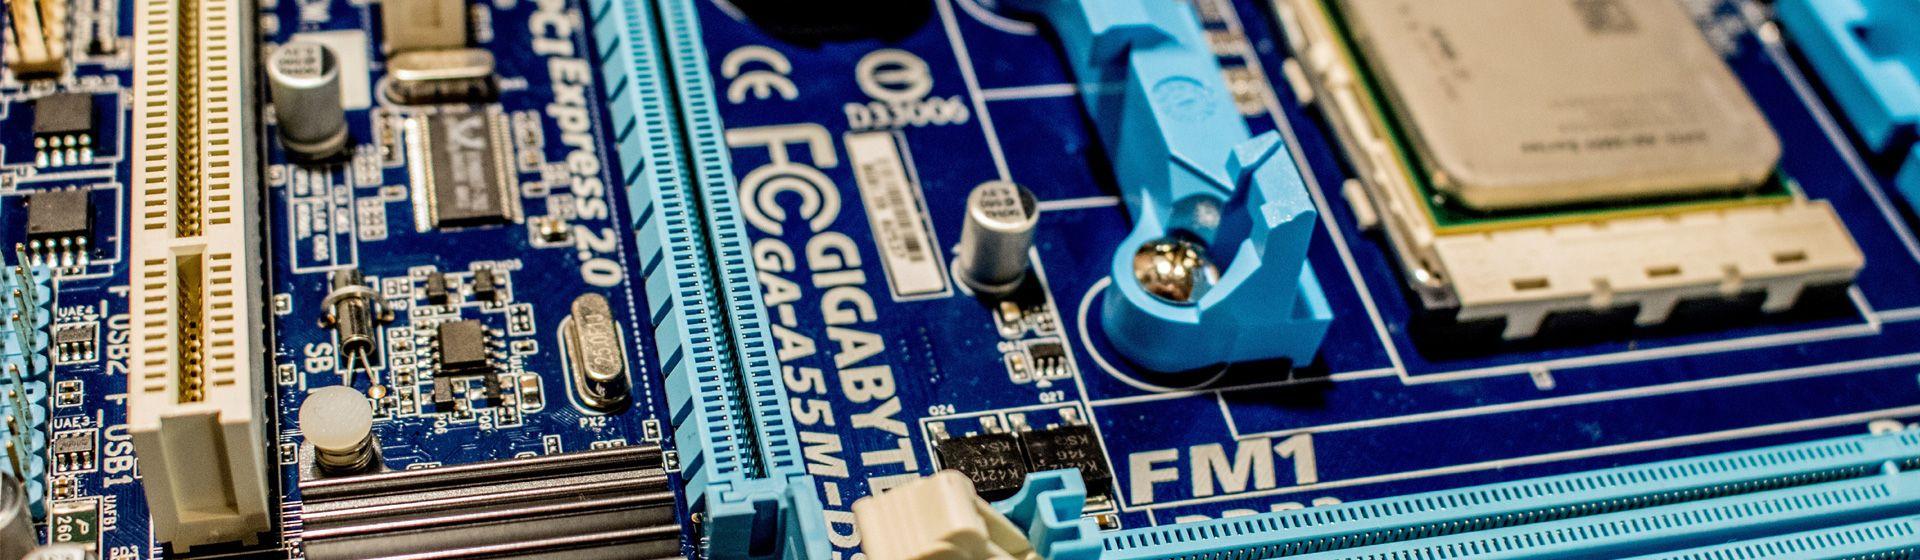 O que é placa-mãe (motherboard)? Veja para que ela serve no PC